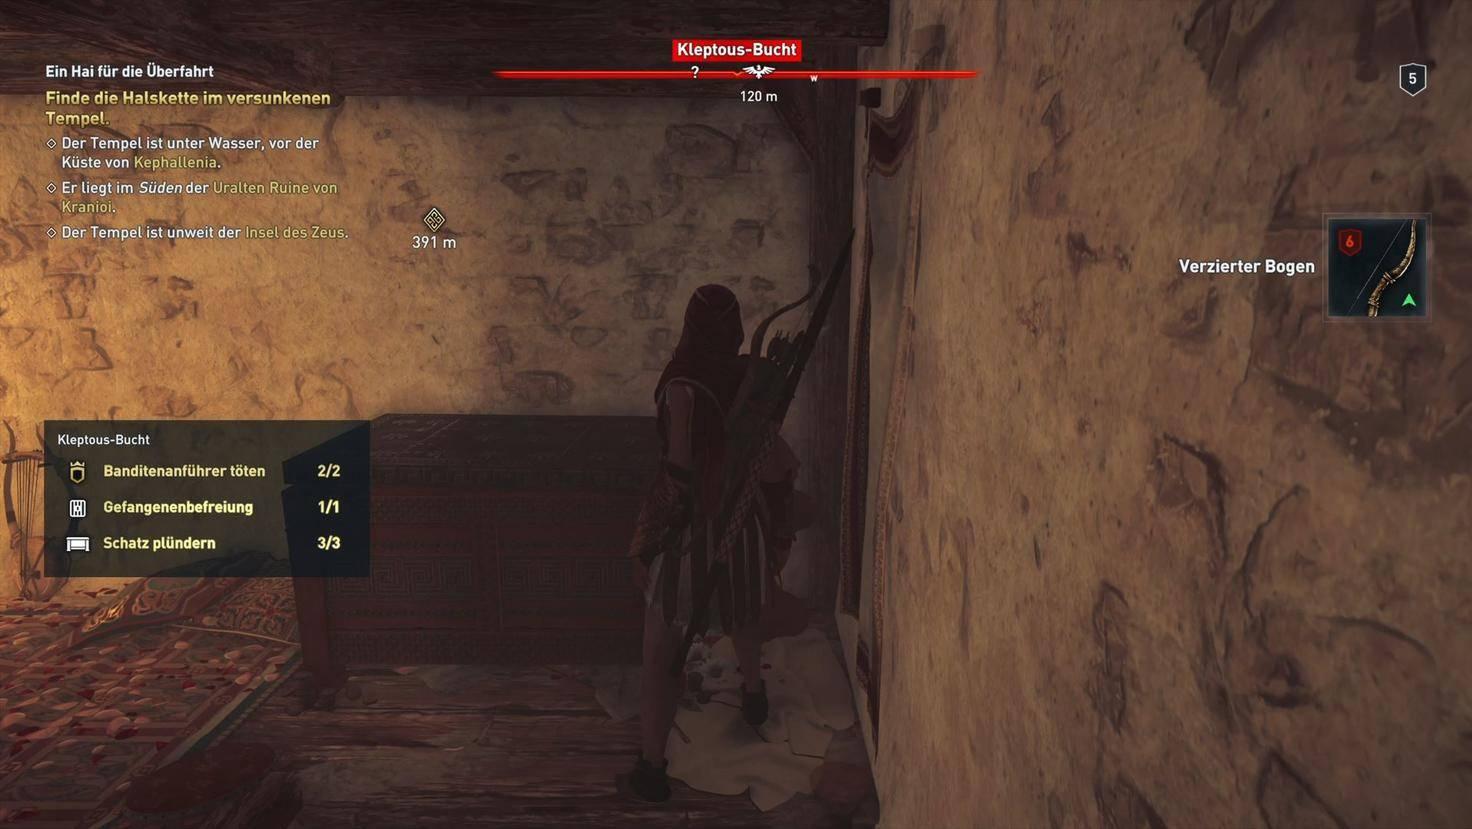 Assassins Creed Odyssey Schatz plündern